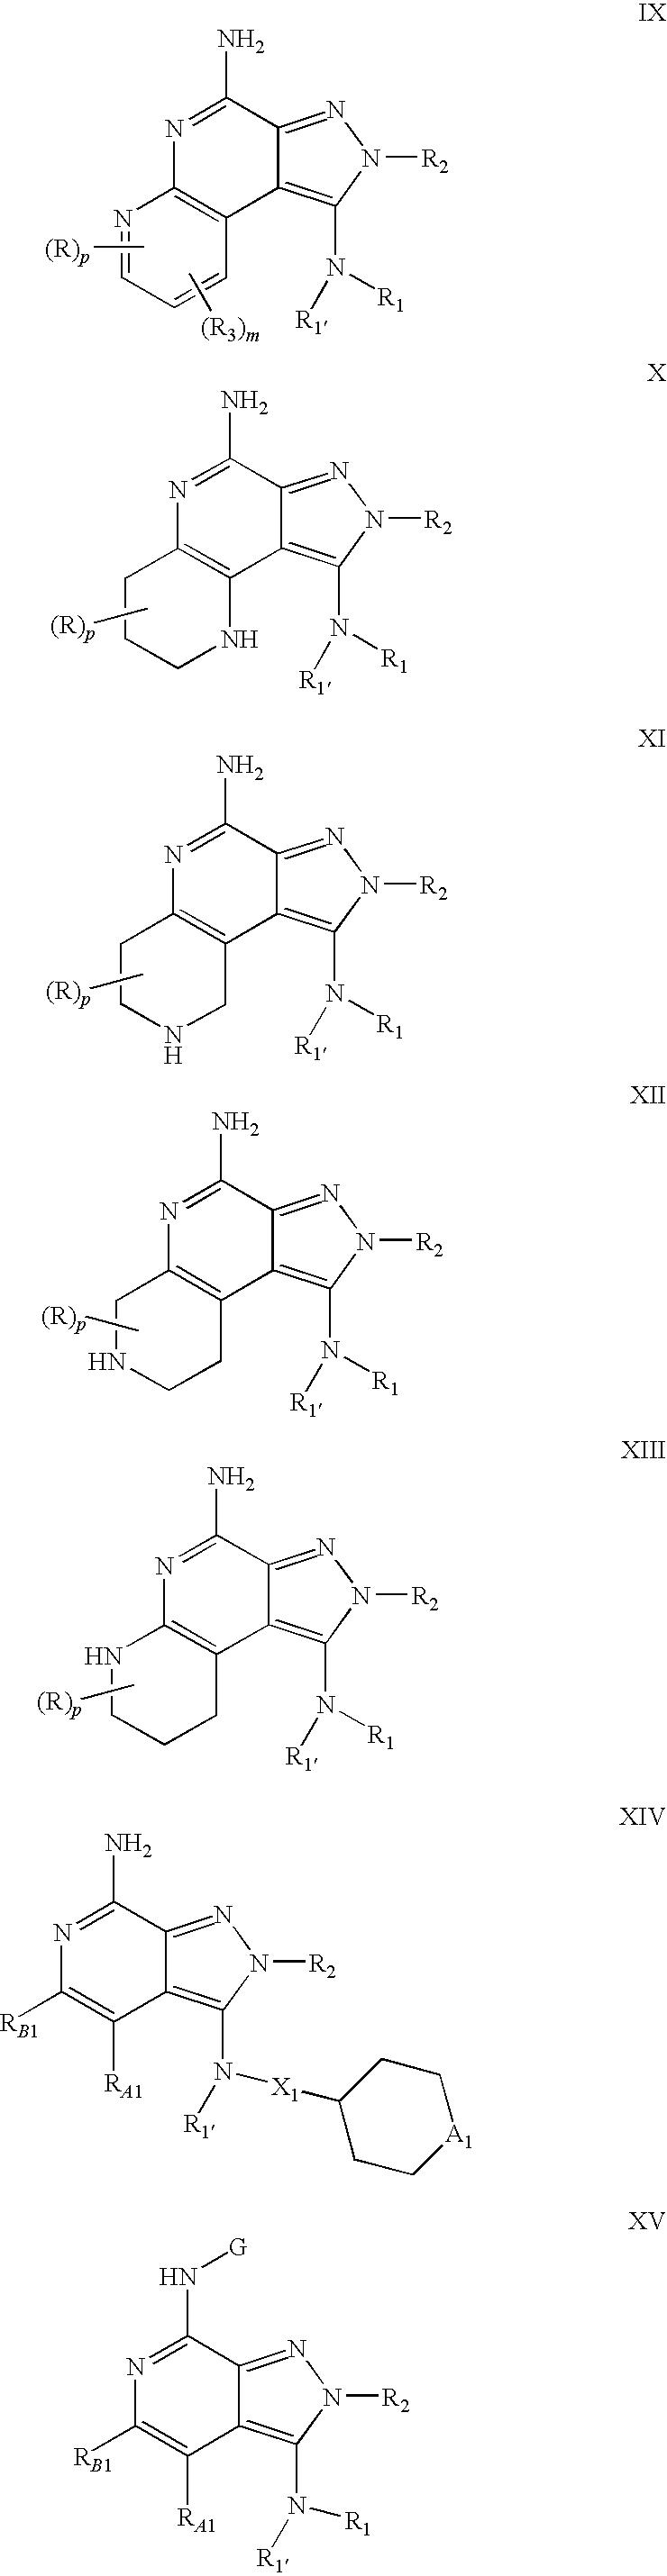 Figure US07943610-20110517-C00004